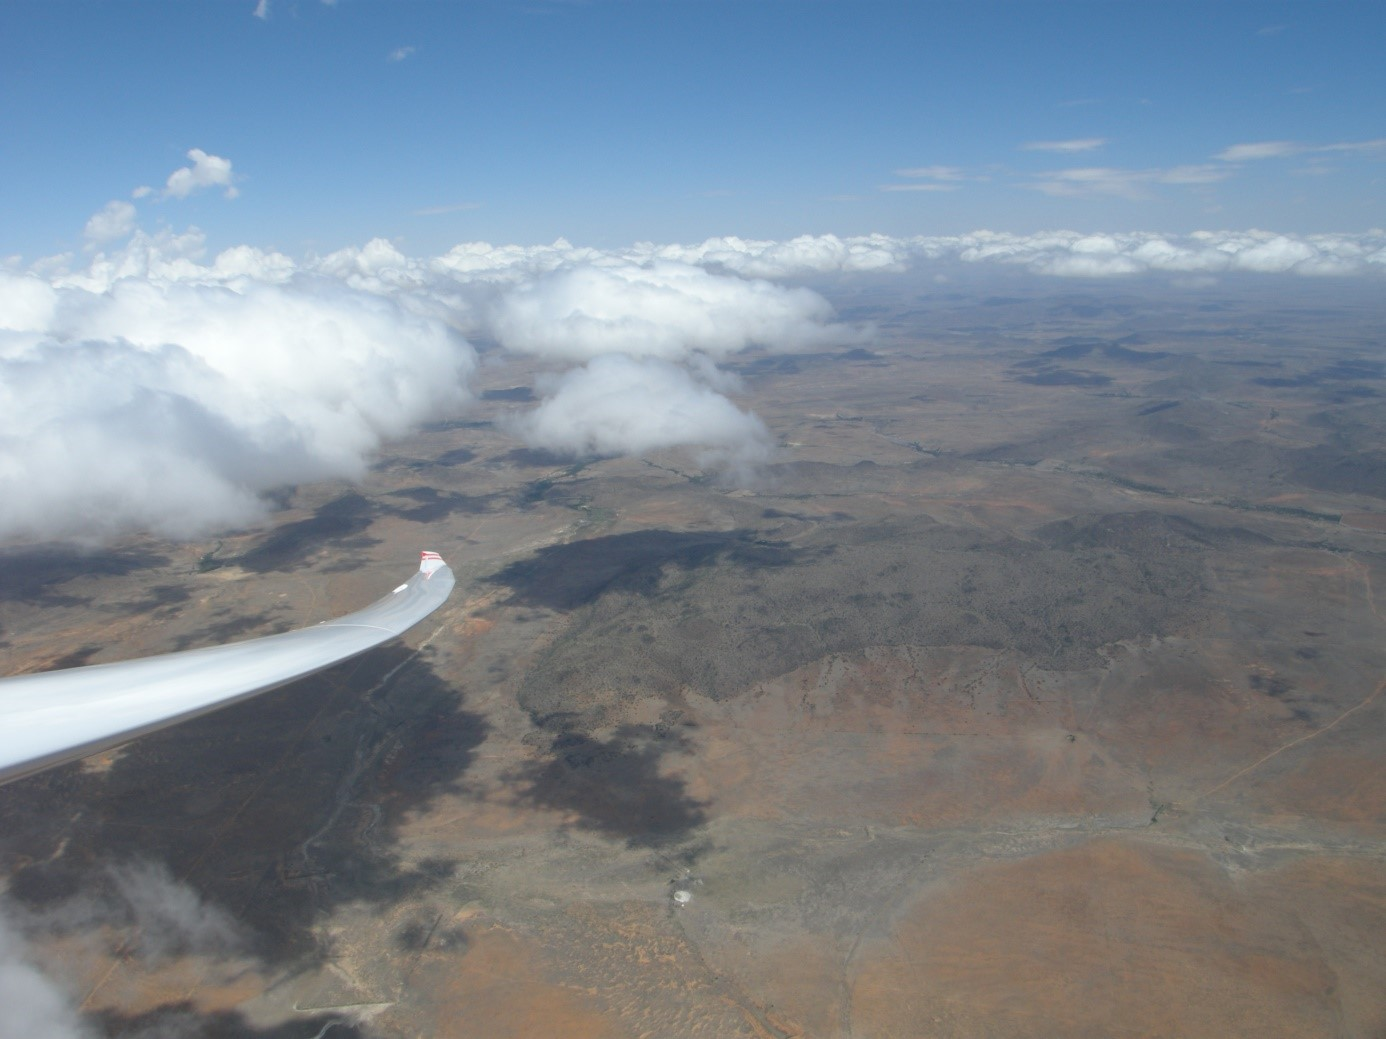 """Wellenflug über Südafrika: ausgelöst durch Scherung, oder einfach als """"Thermo-Onda"""": starke Thermik mit Cumulus-Bildung als Hindernis; die Mini-Hügel lösen keine Wellen aus . . ."""